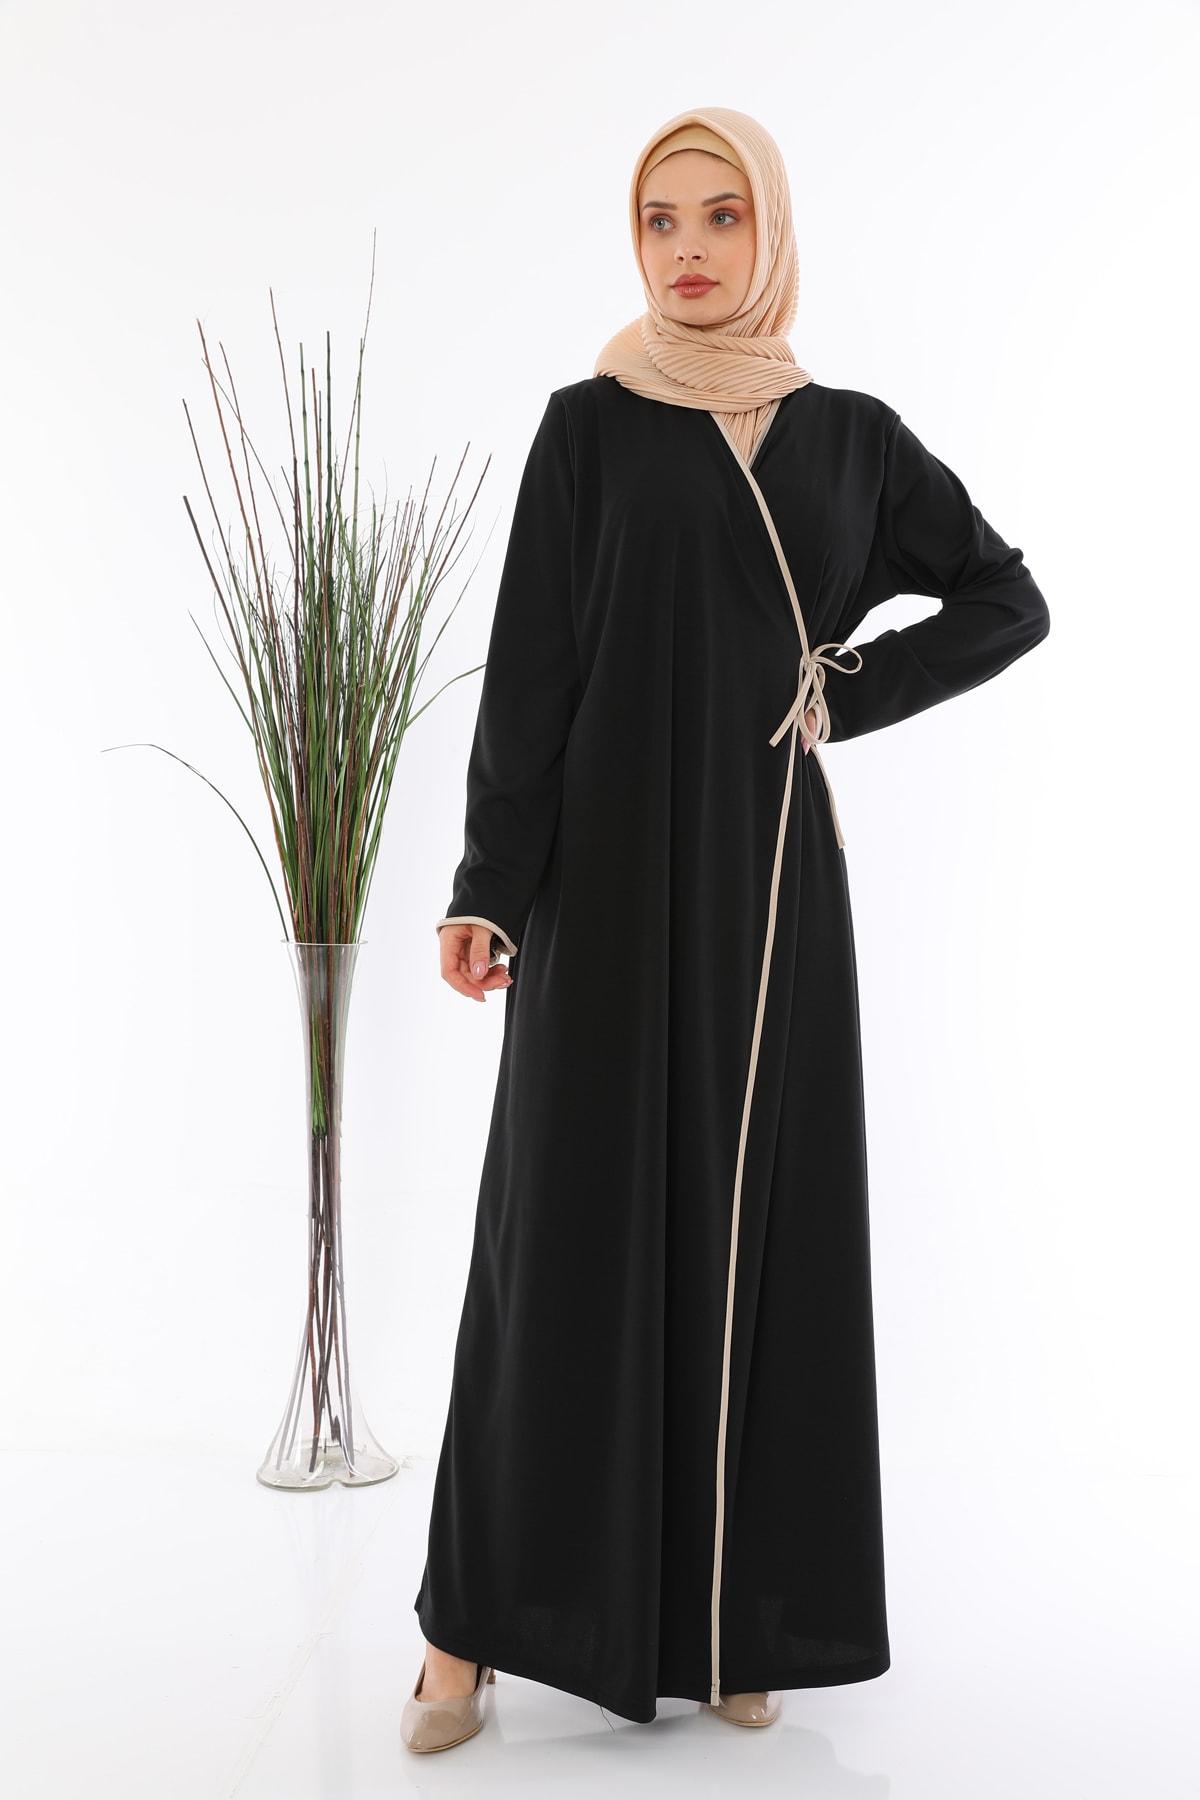 medipek Yandan Bağlamalı Namaz Elbisesi 2